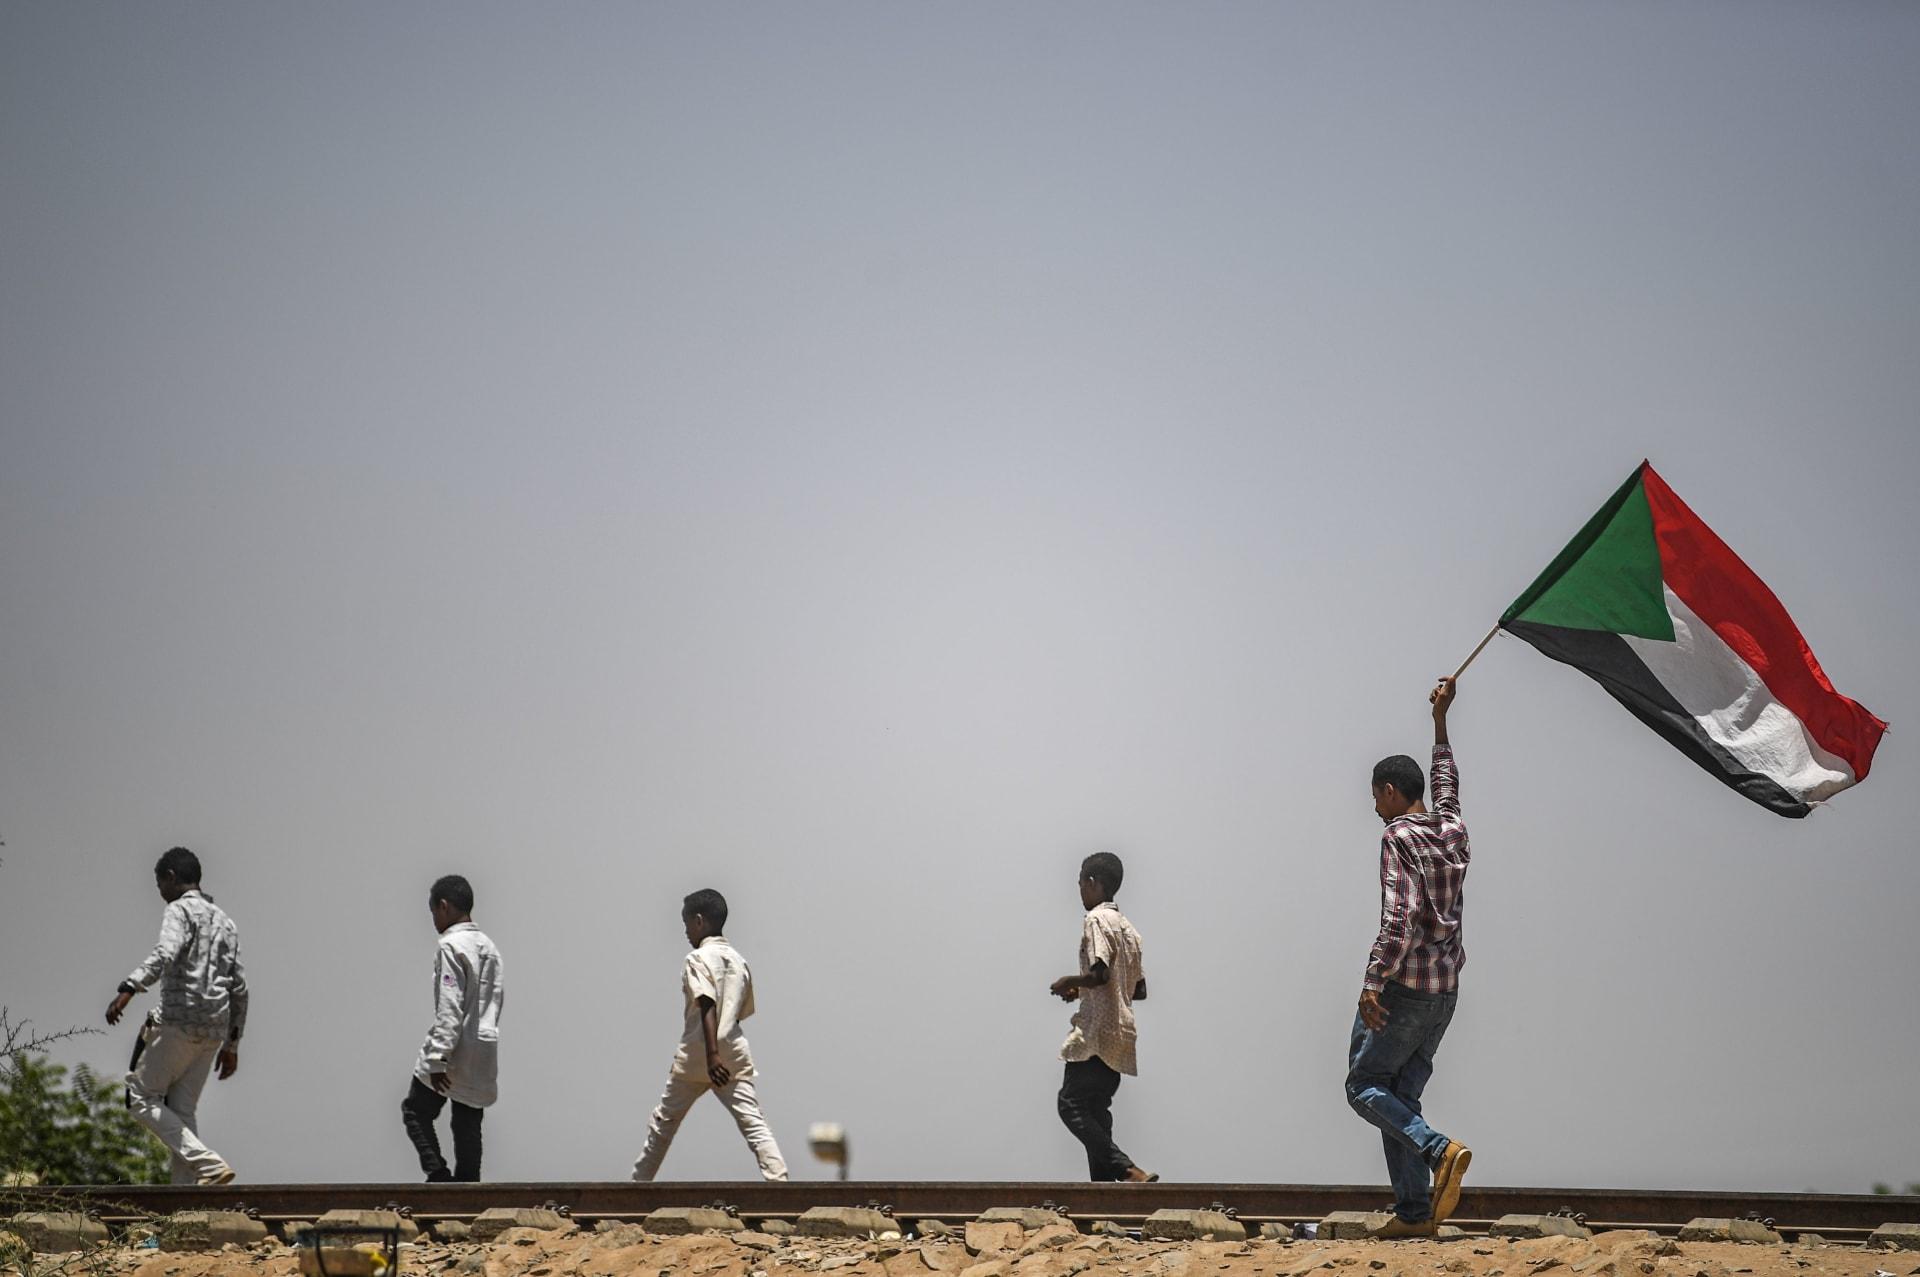 المجلس العسكري الانتقالي بالسودان: ملتزمون بالتفاوض ولا فوضى بعد اليوم